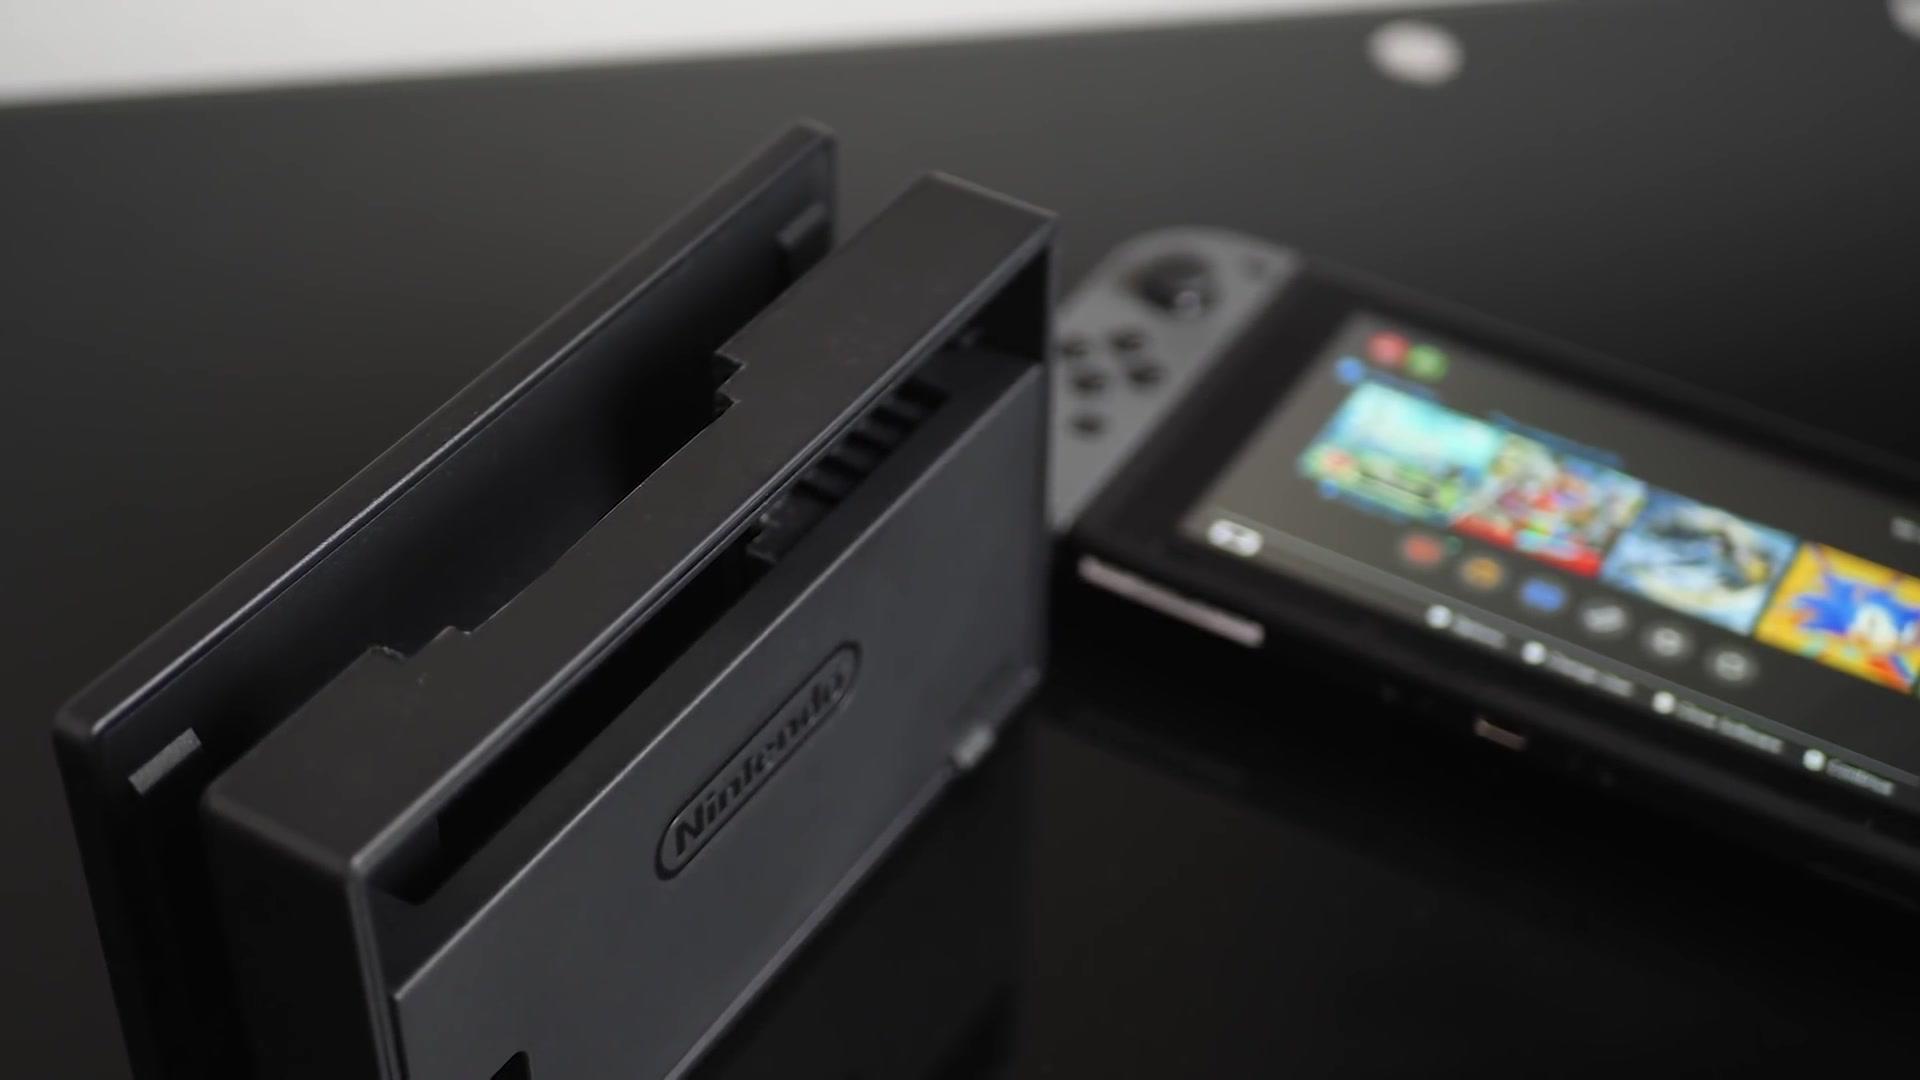 <b>价格不菲!商家推出Switch便携模式视频串流硬件模组</b>